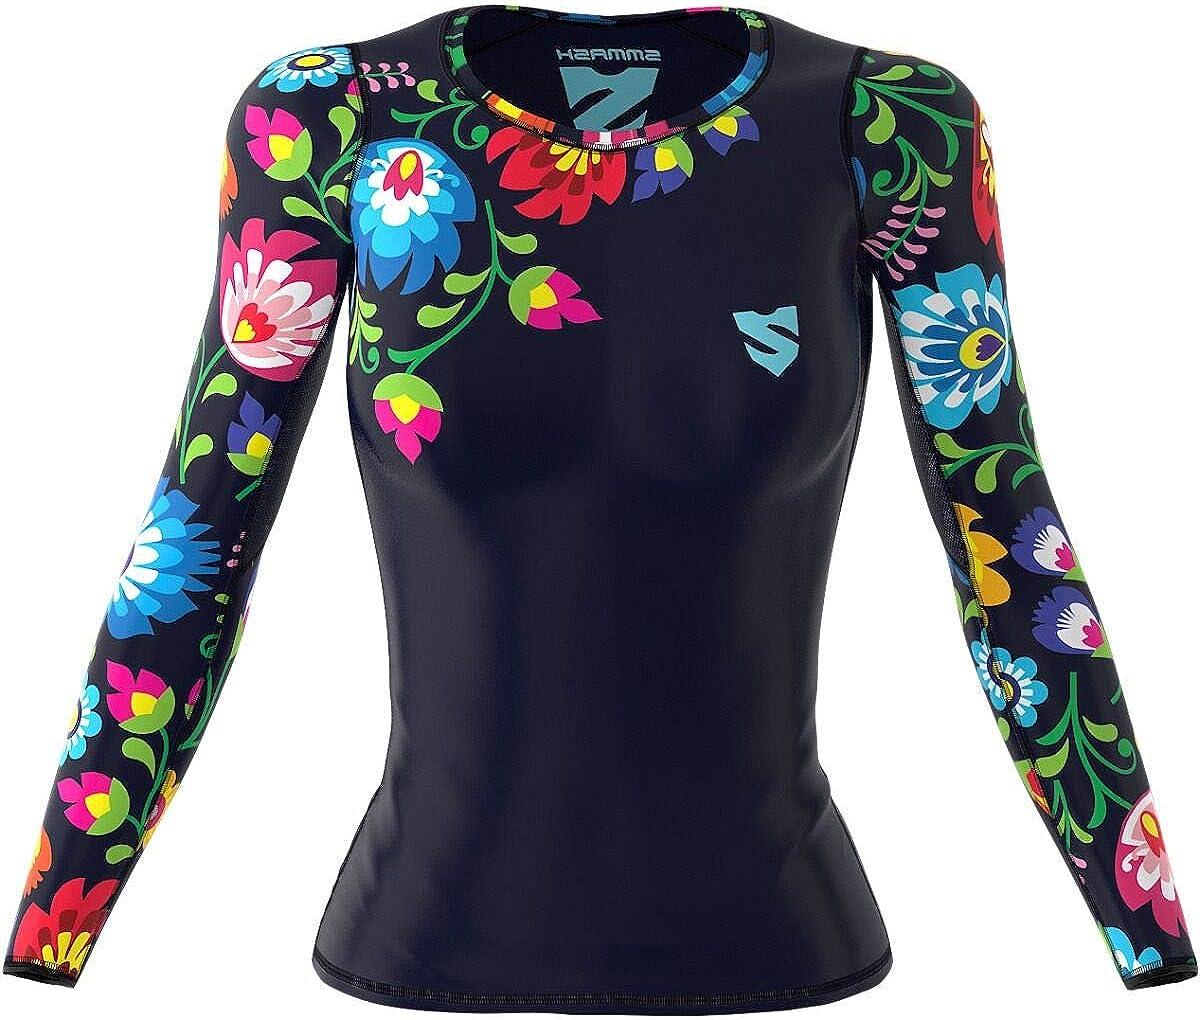 Sportshirt Damen Sport Funktionsshirt f/ür Crossfit Antibakterielles Material Hergestellt in der EU SMMASH Winter Leaves Damen Compression Funktionsshirt Kurze Atmungsaktiv und Leicht Gym